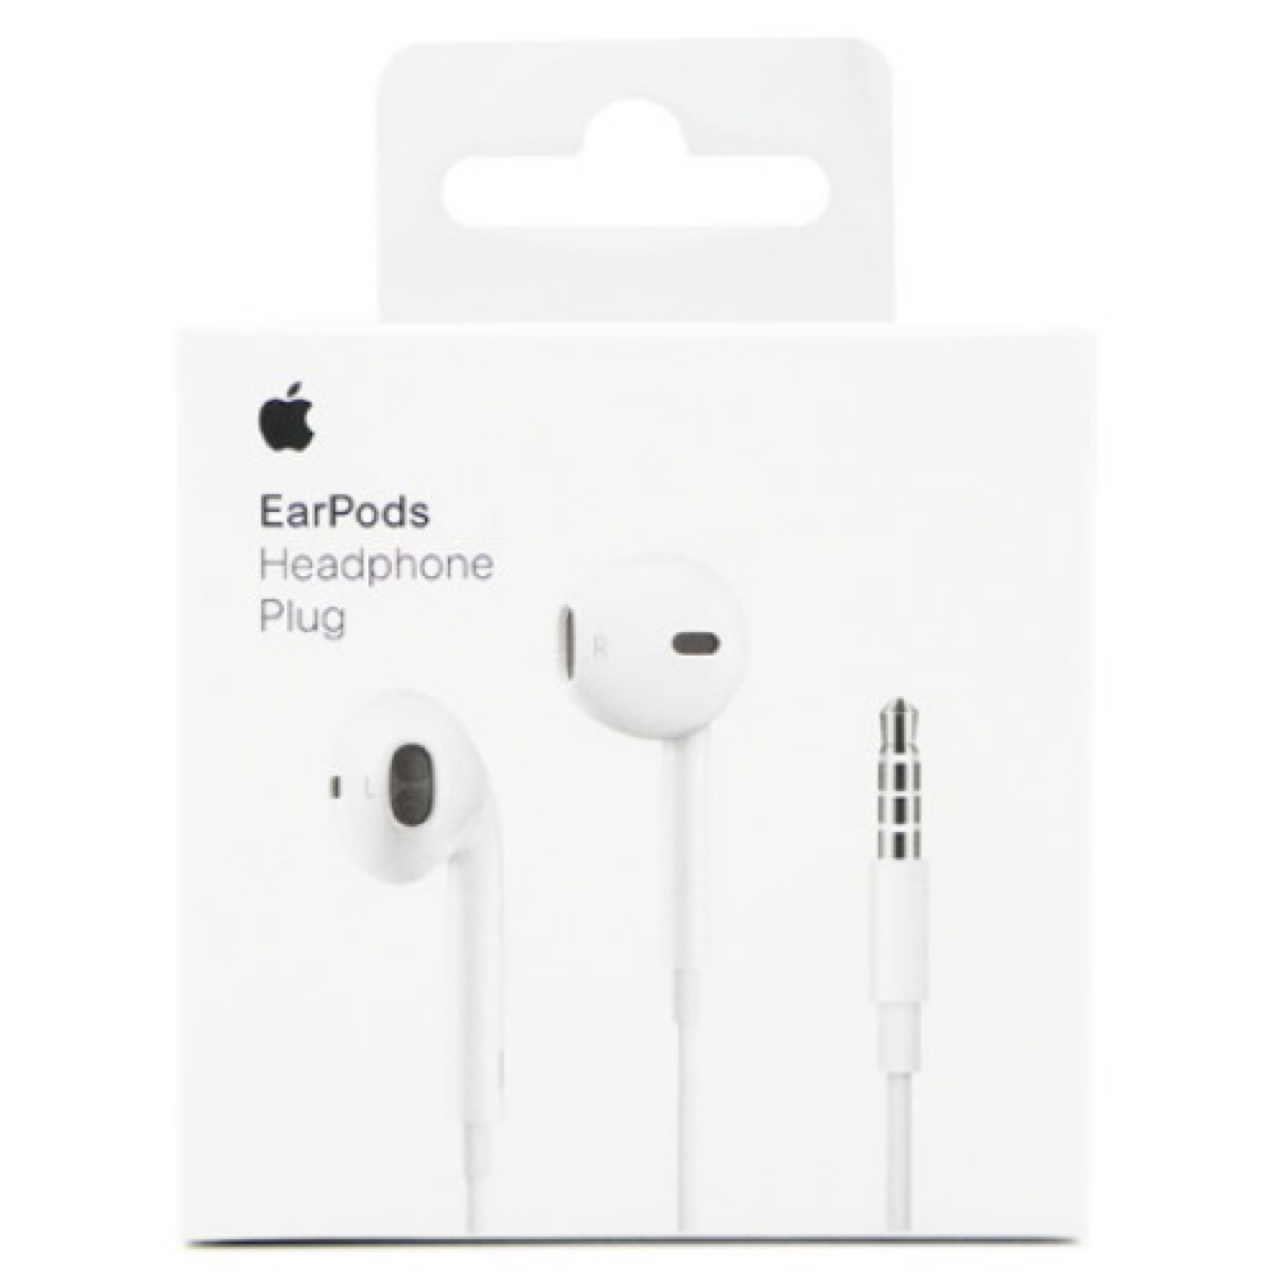 아이폰6/6s 3.5파이 정품 이어폰 이어팟 박스패킹 ❤️